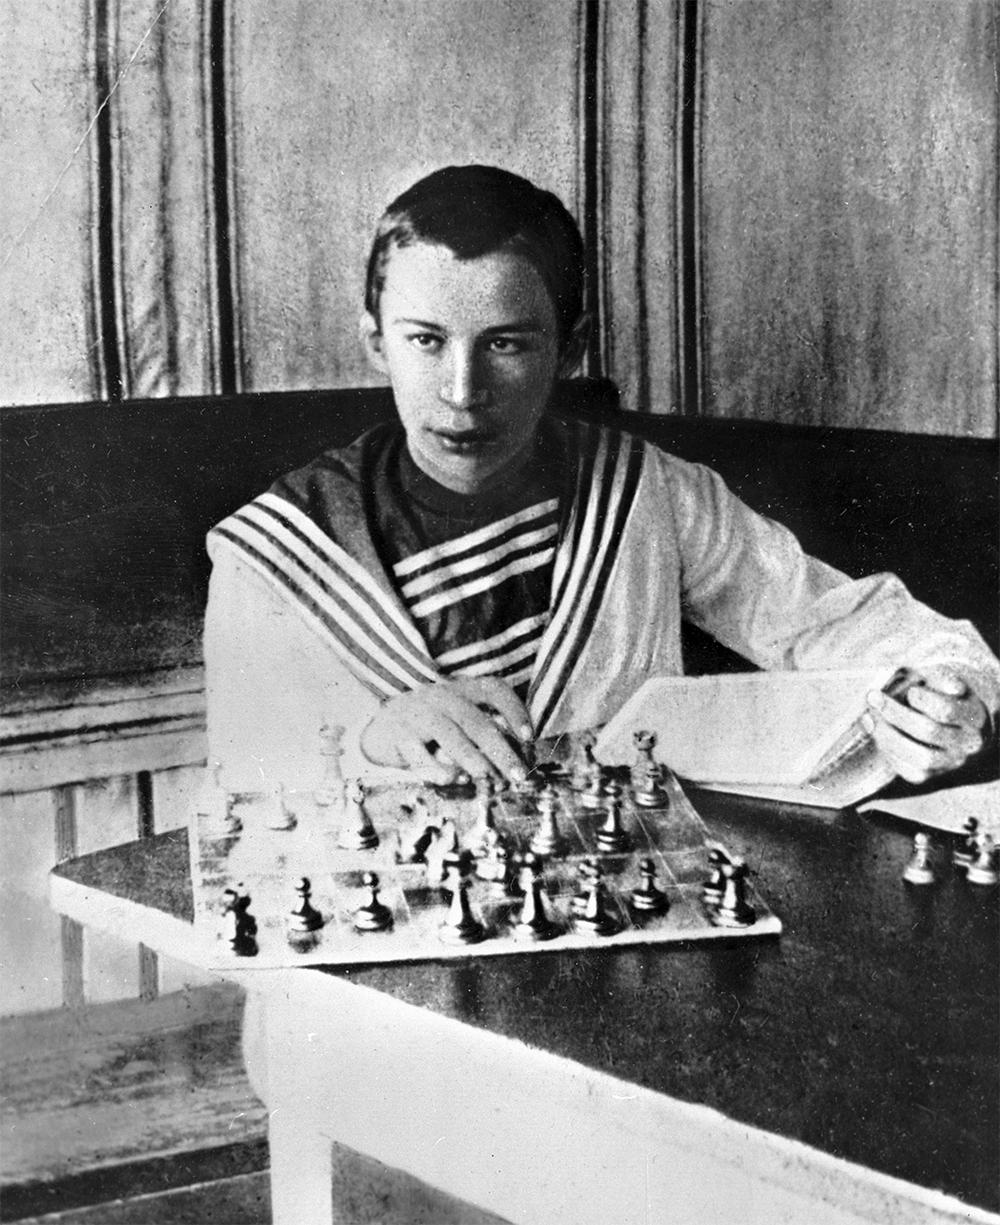 Композитор Сергей Прокофьев. 1905 год.